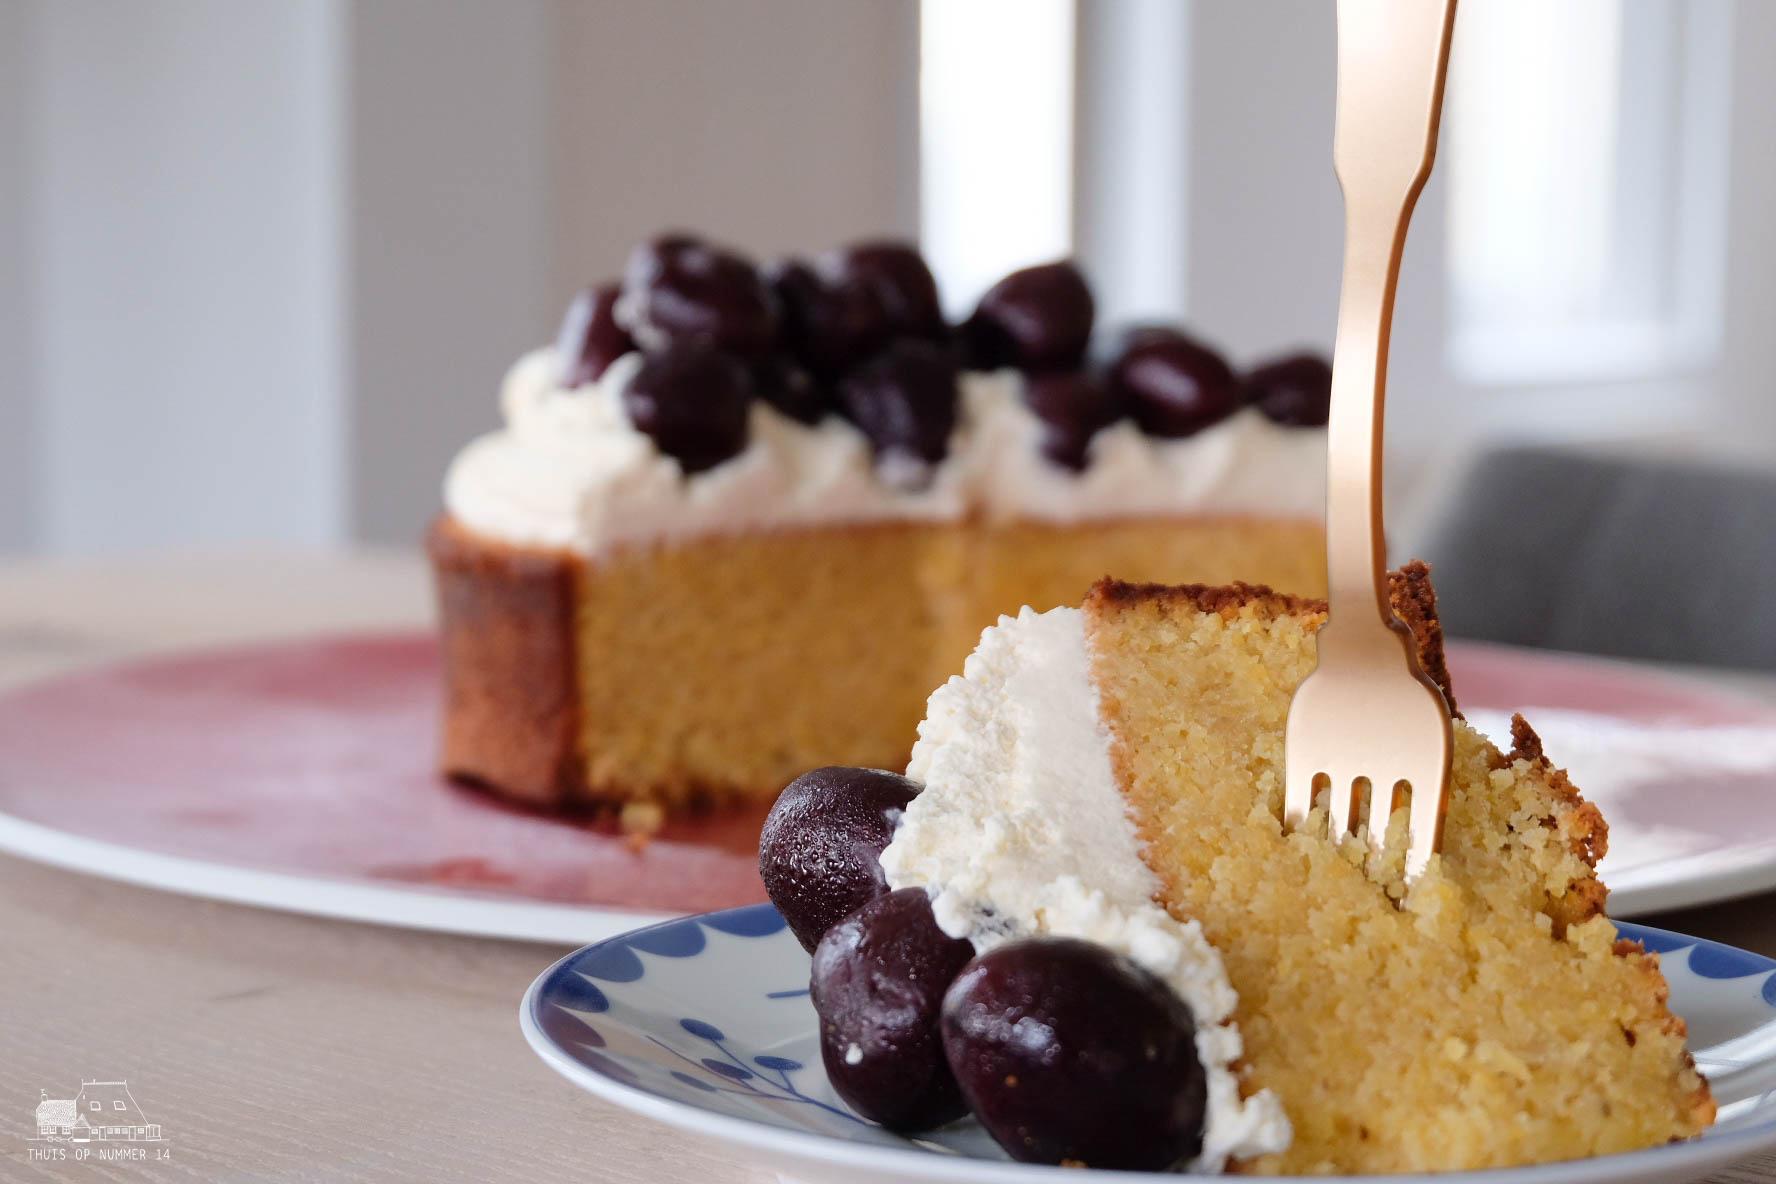 thuis op nummer 14 - kers op de taart